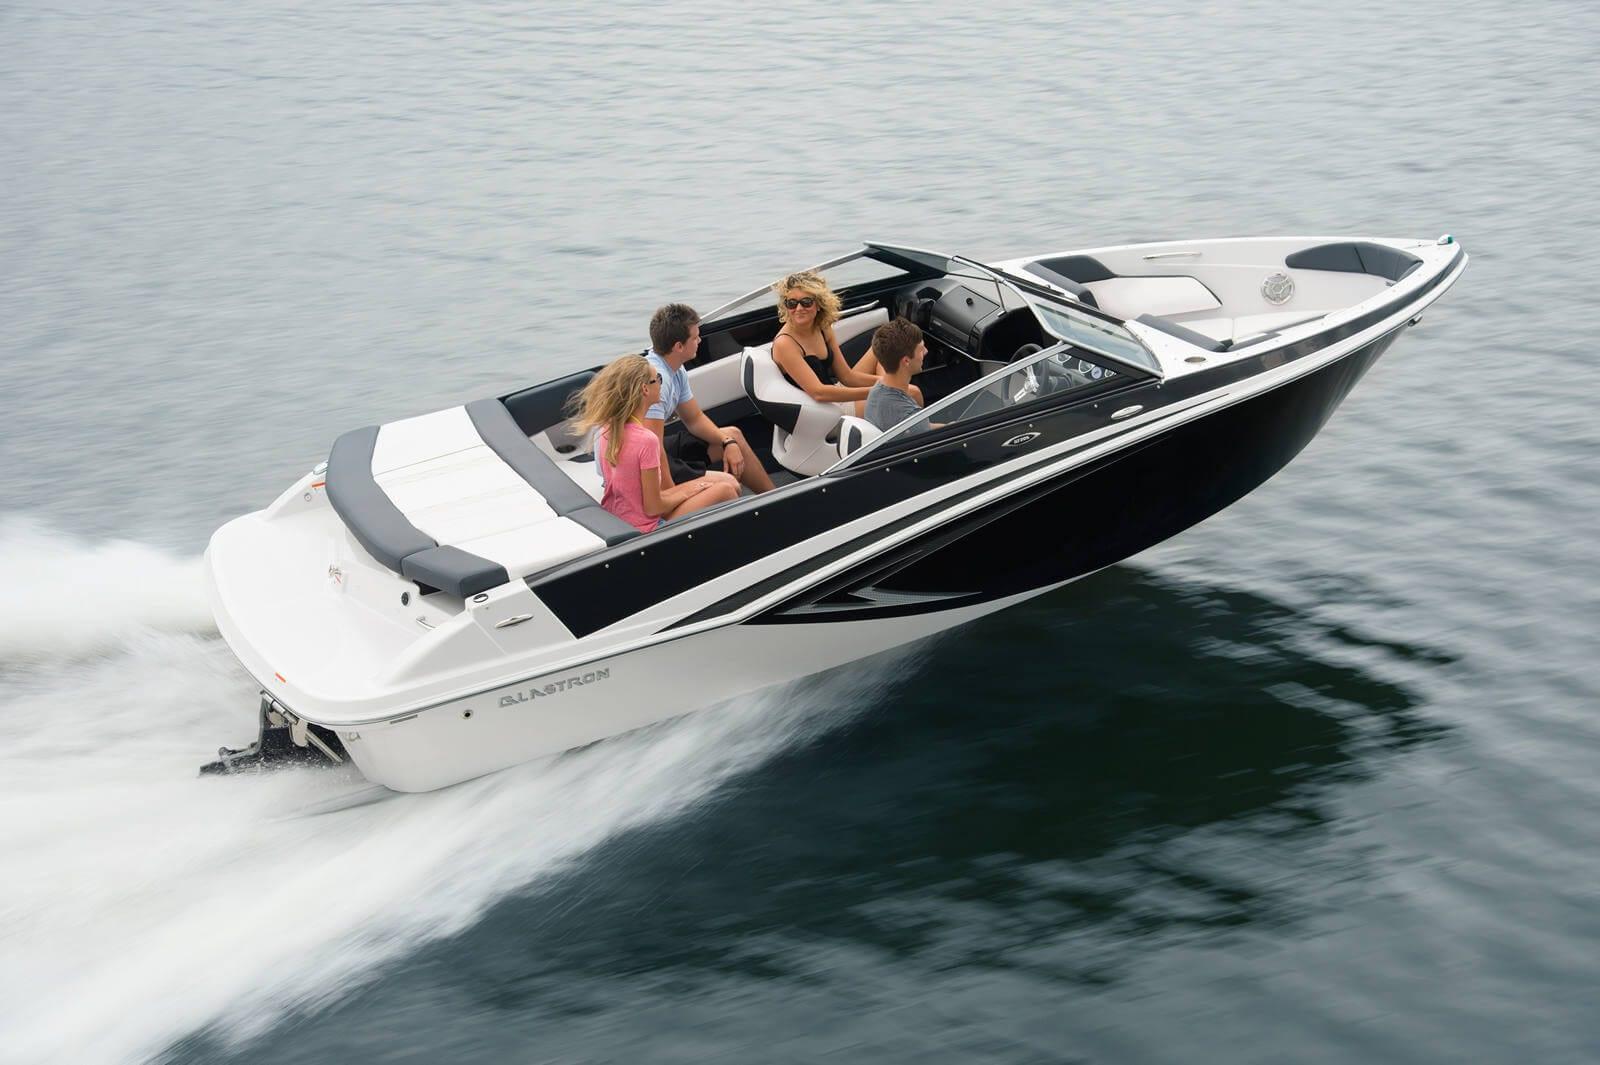 סירת ספורט Glastron 205 - סירת ספורט Glastron 205 GT/GTS - סטרים יאכטות